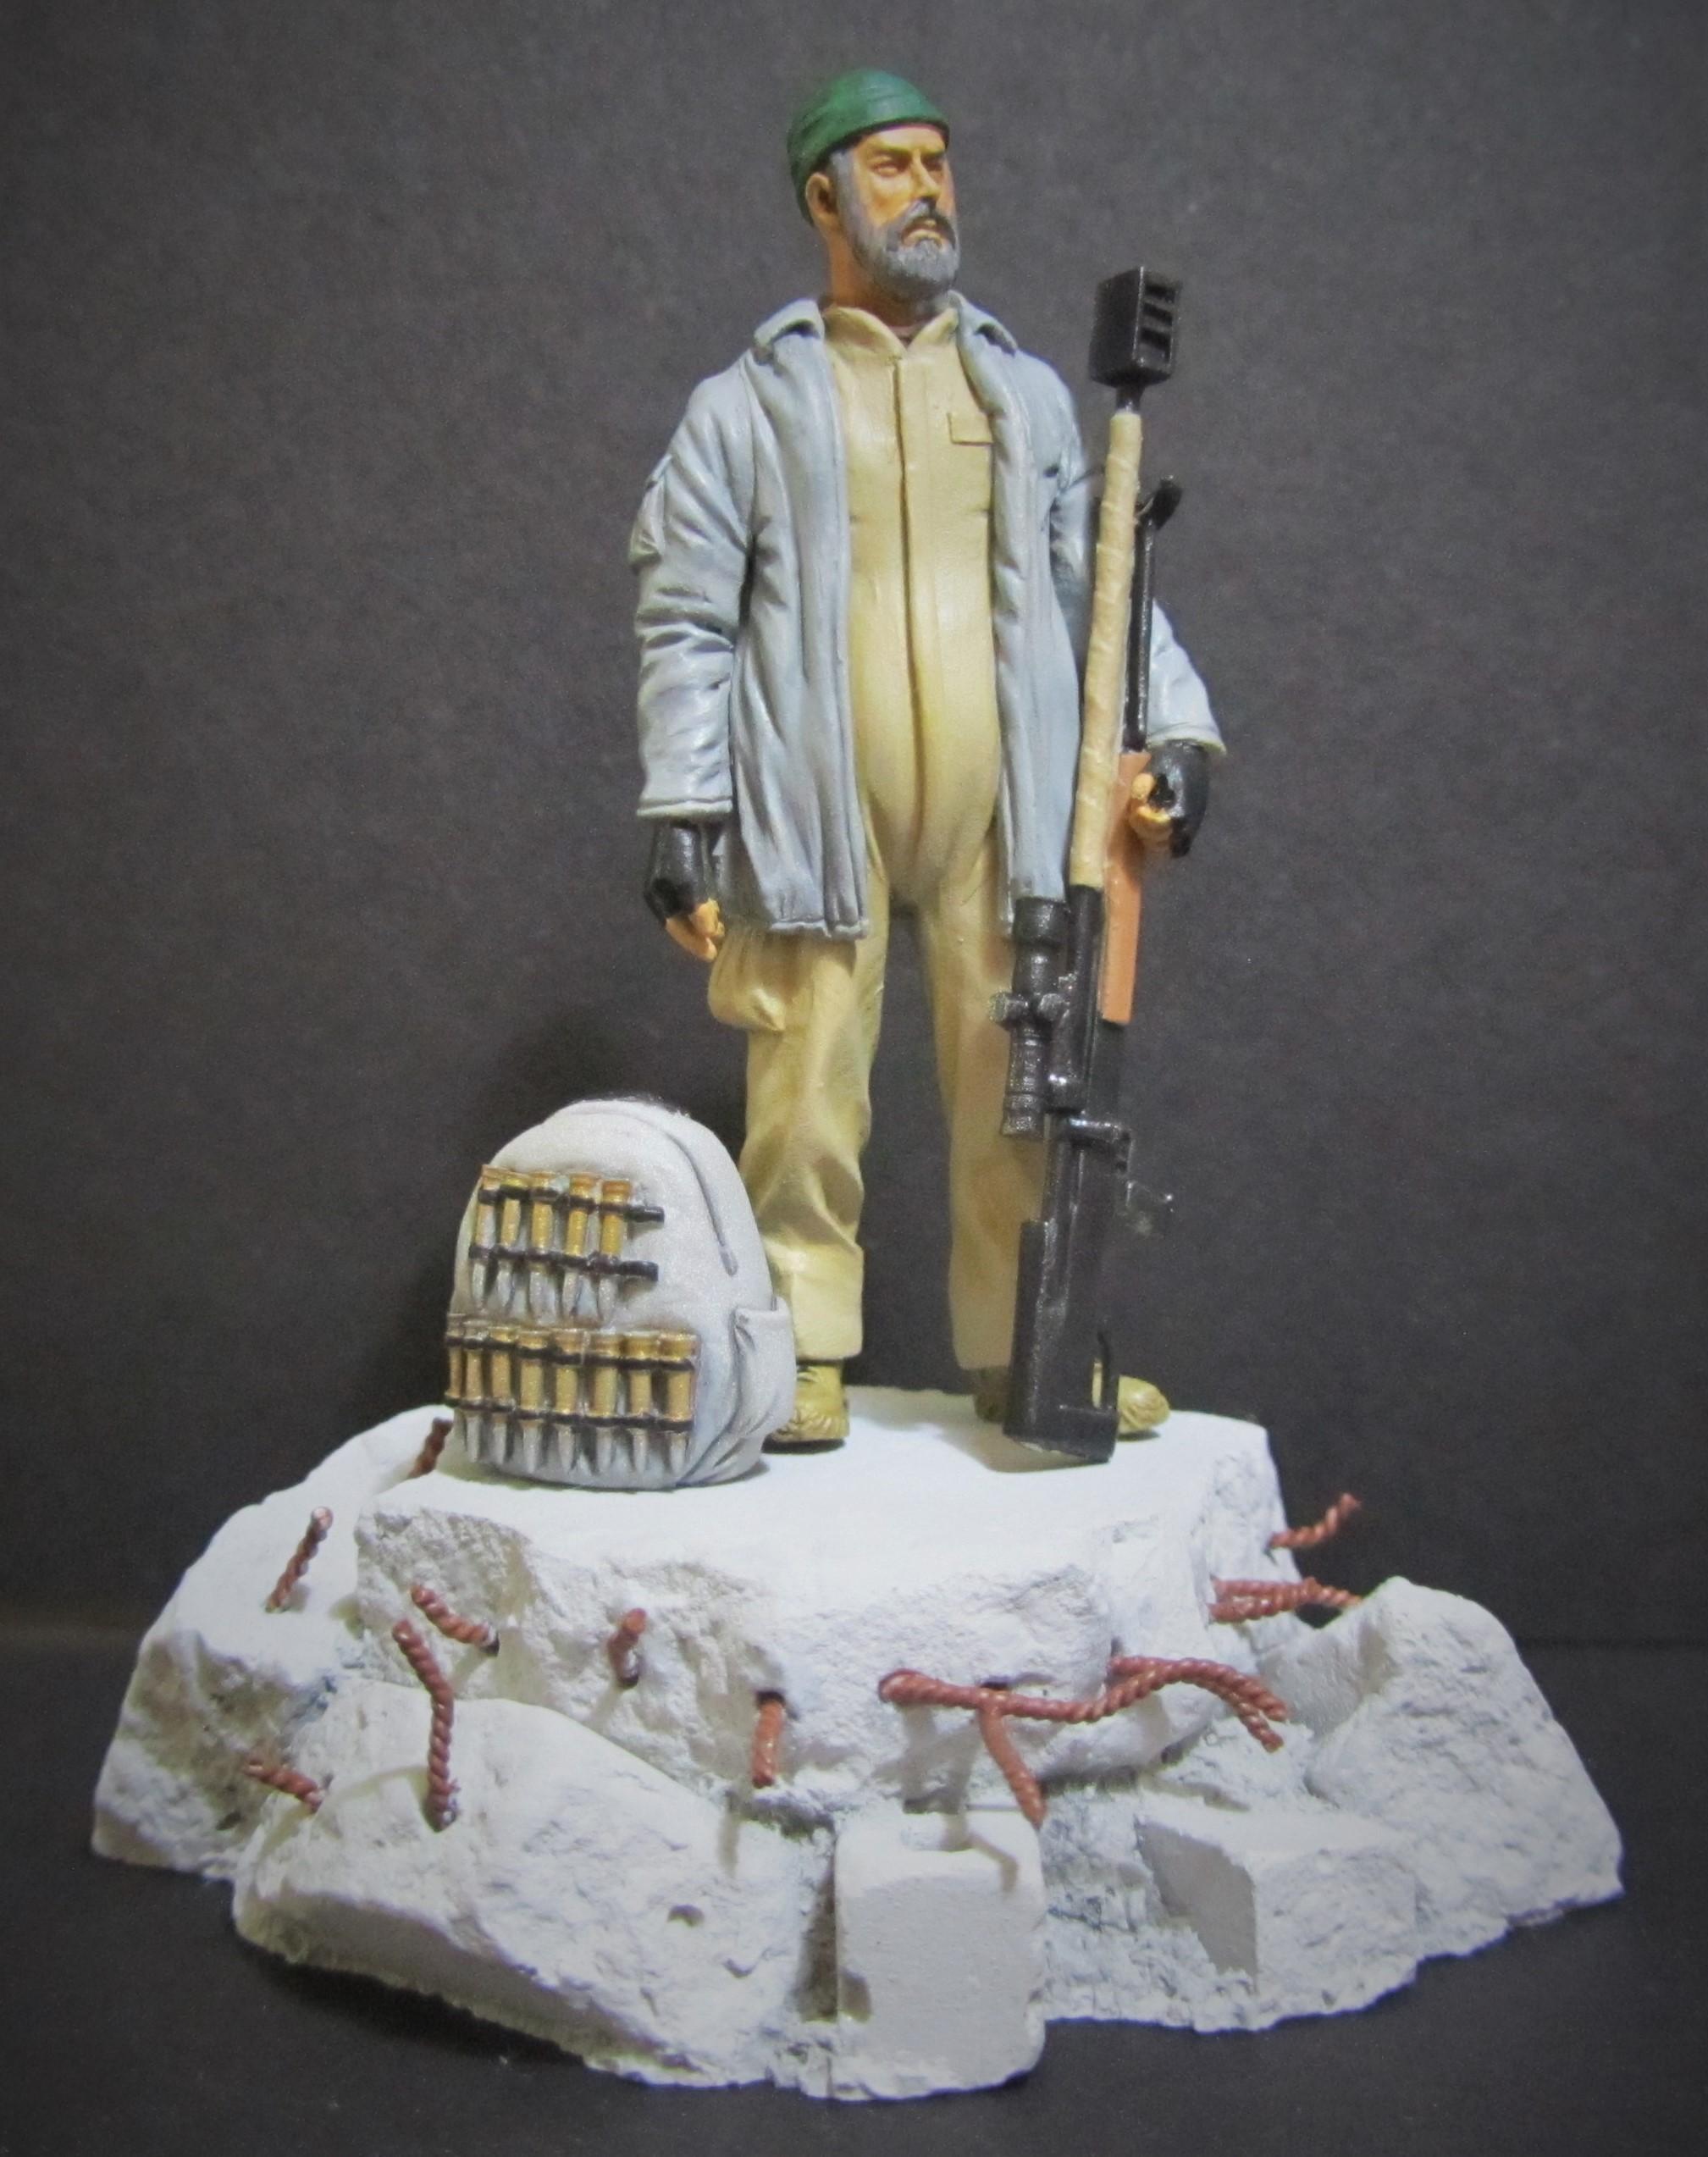 The Silver sniper